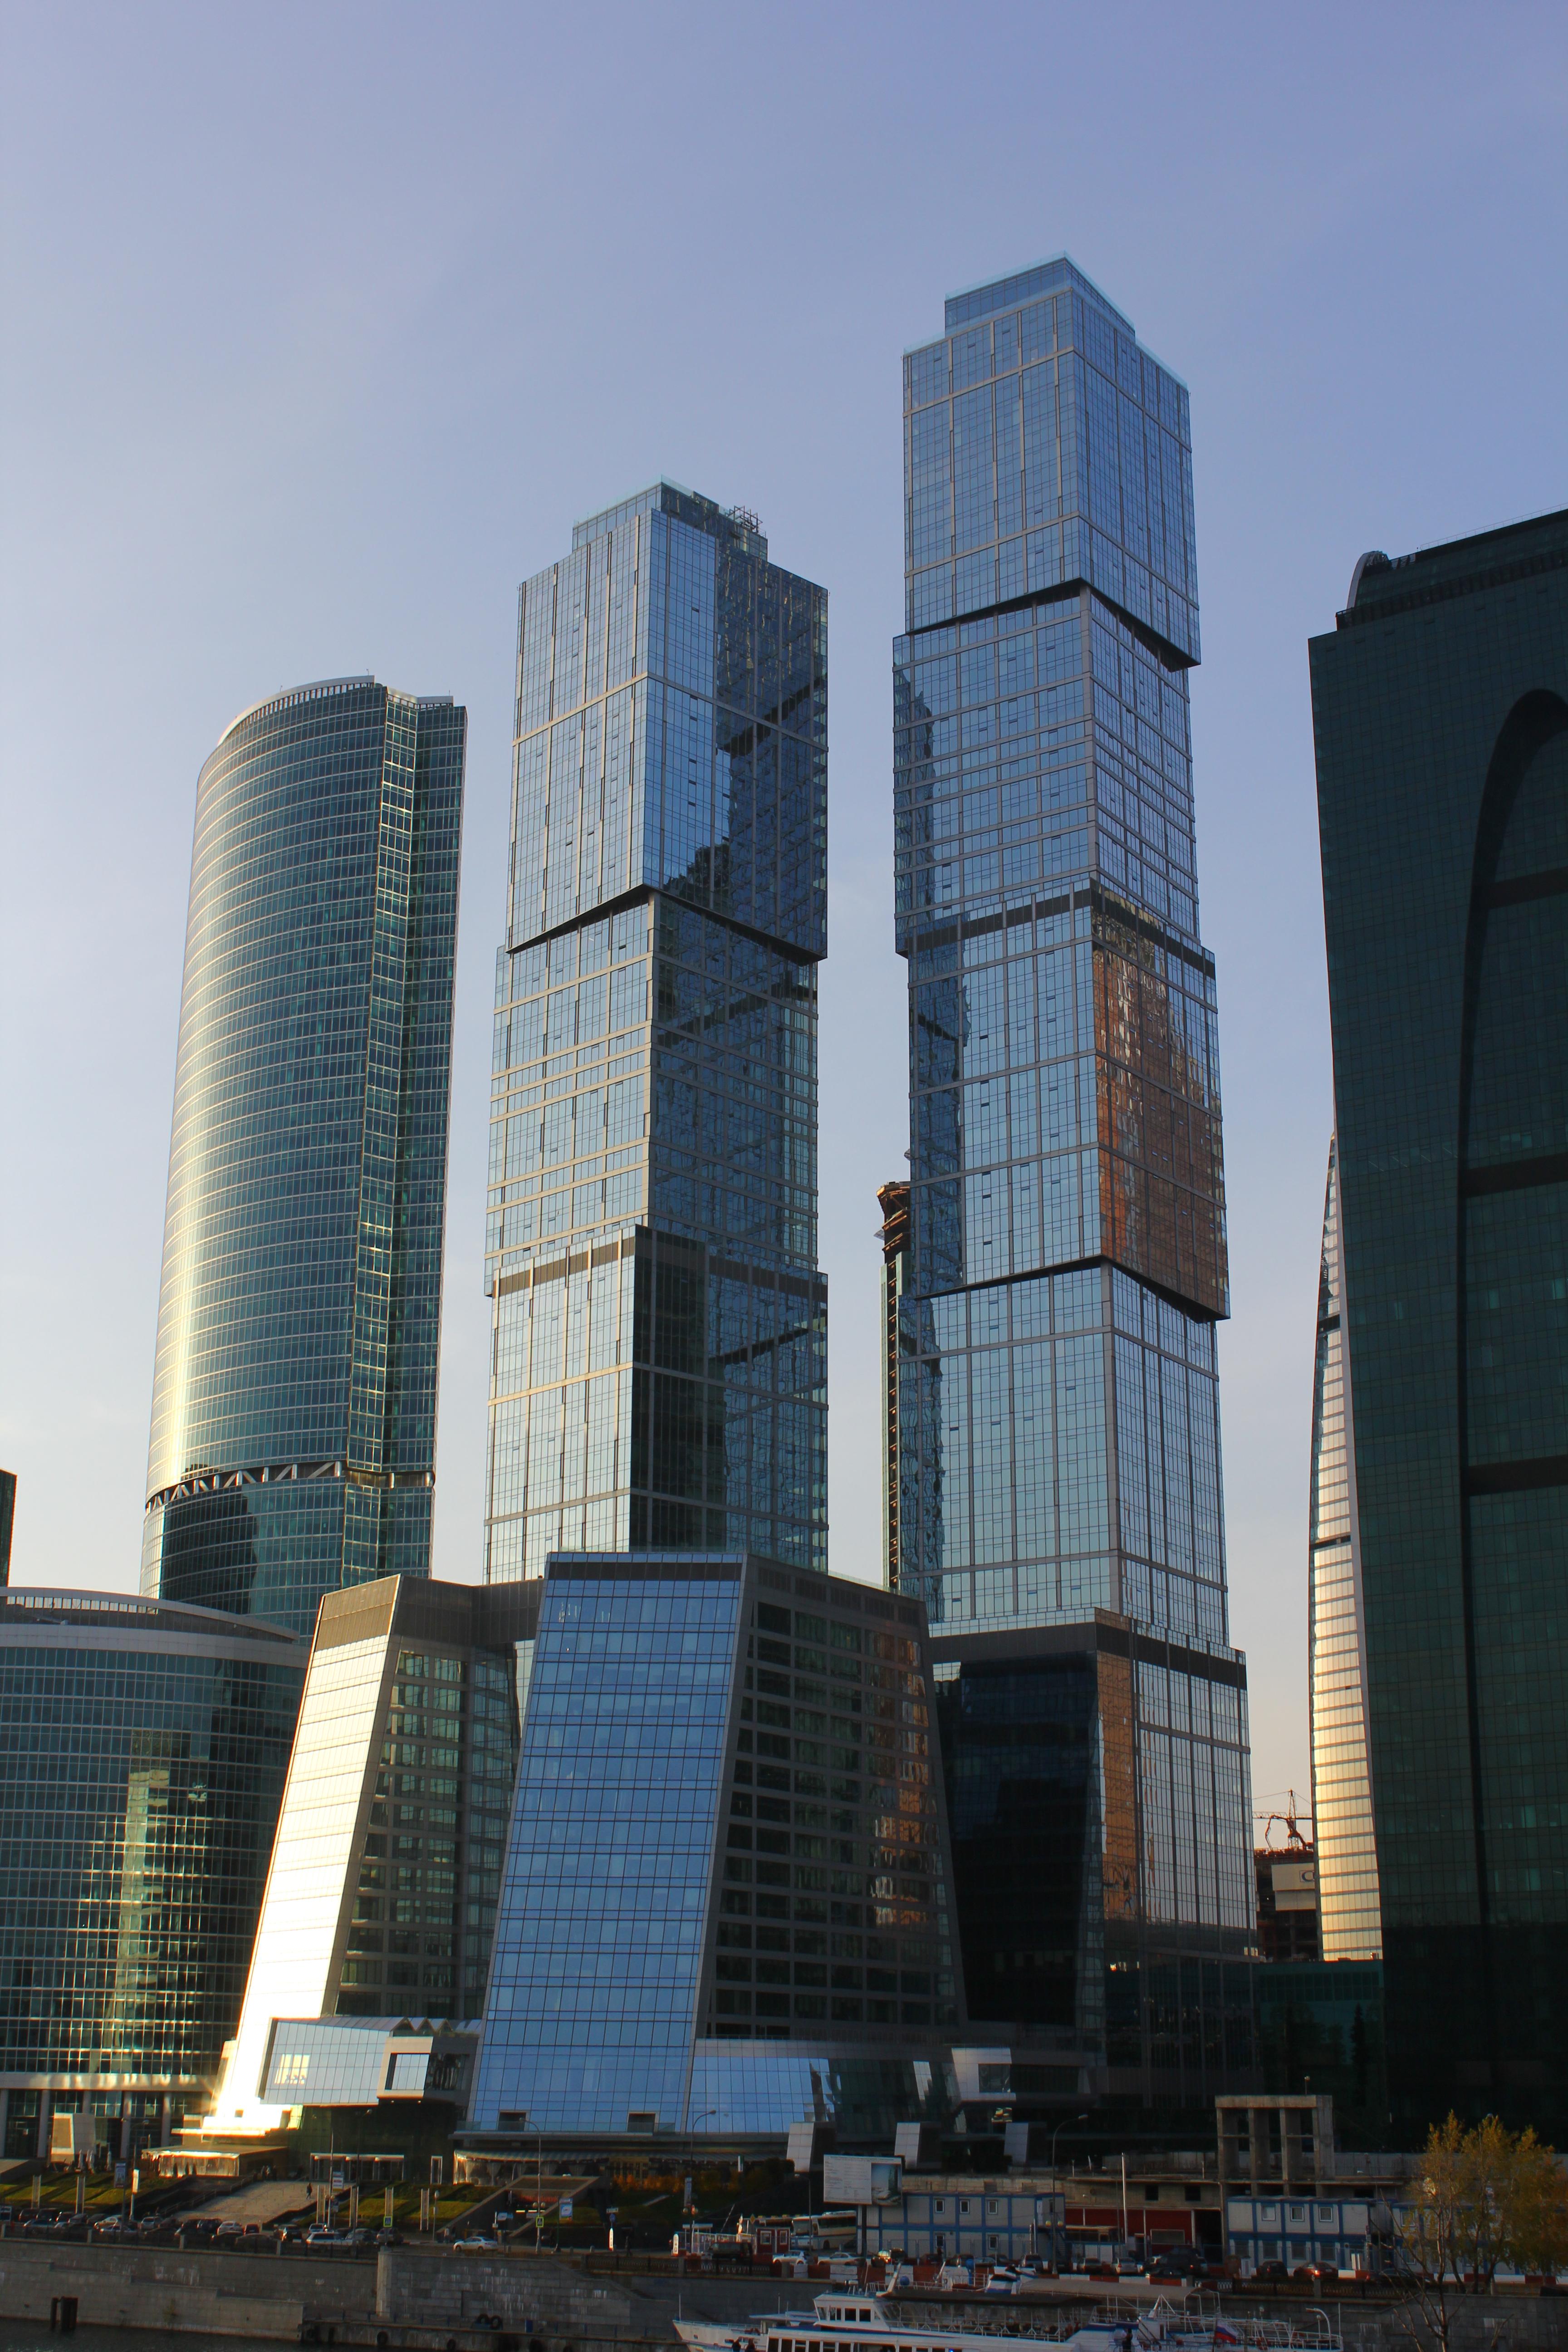 City_Of_Capitals_20th_October_2012